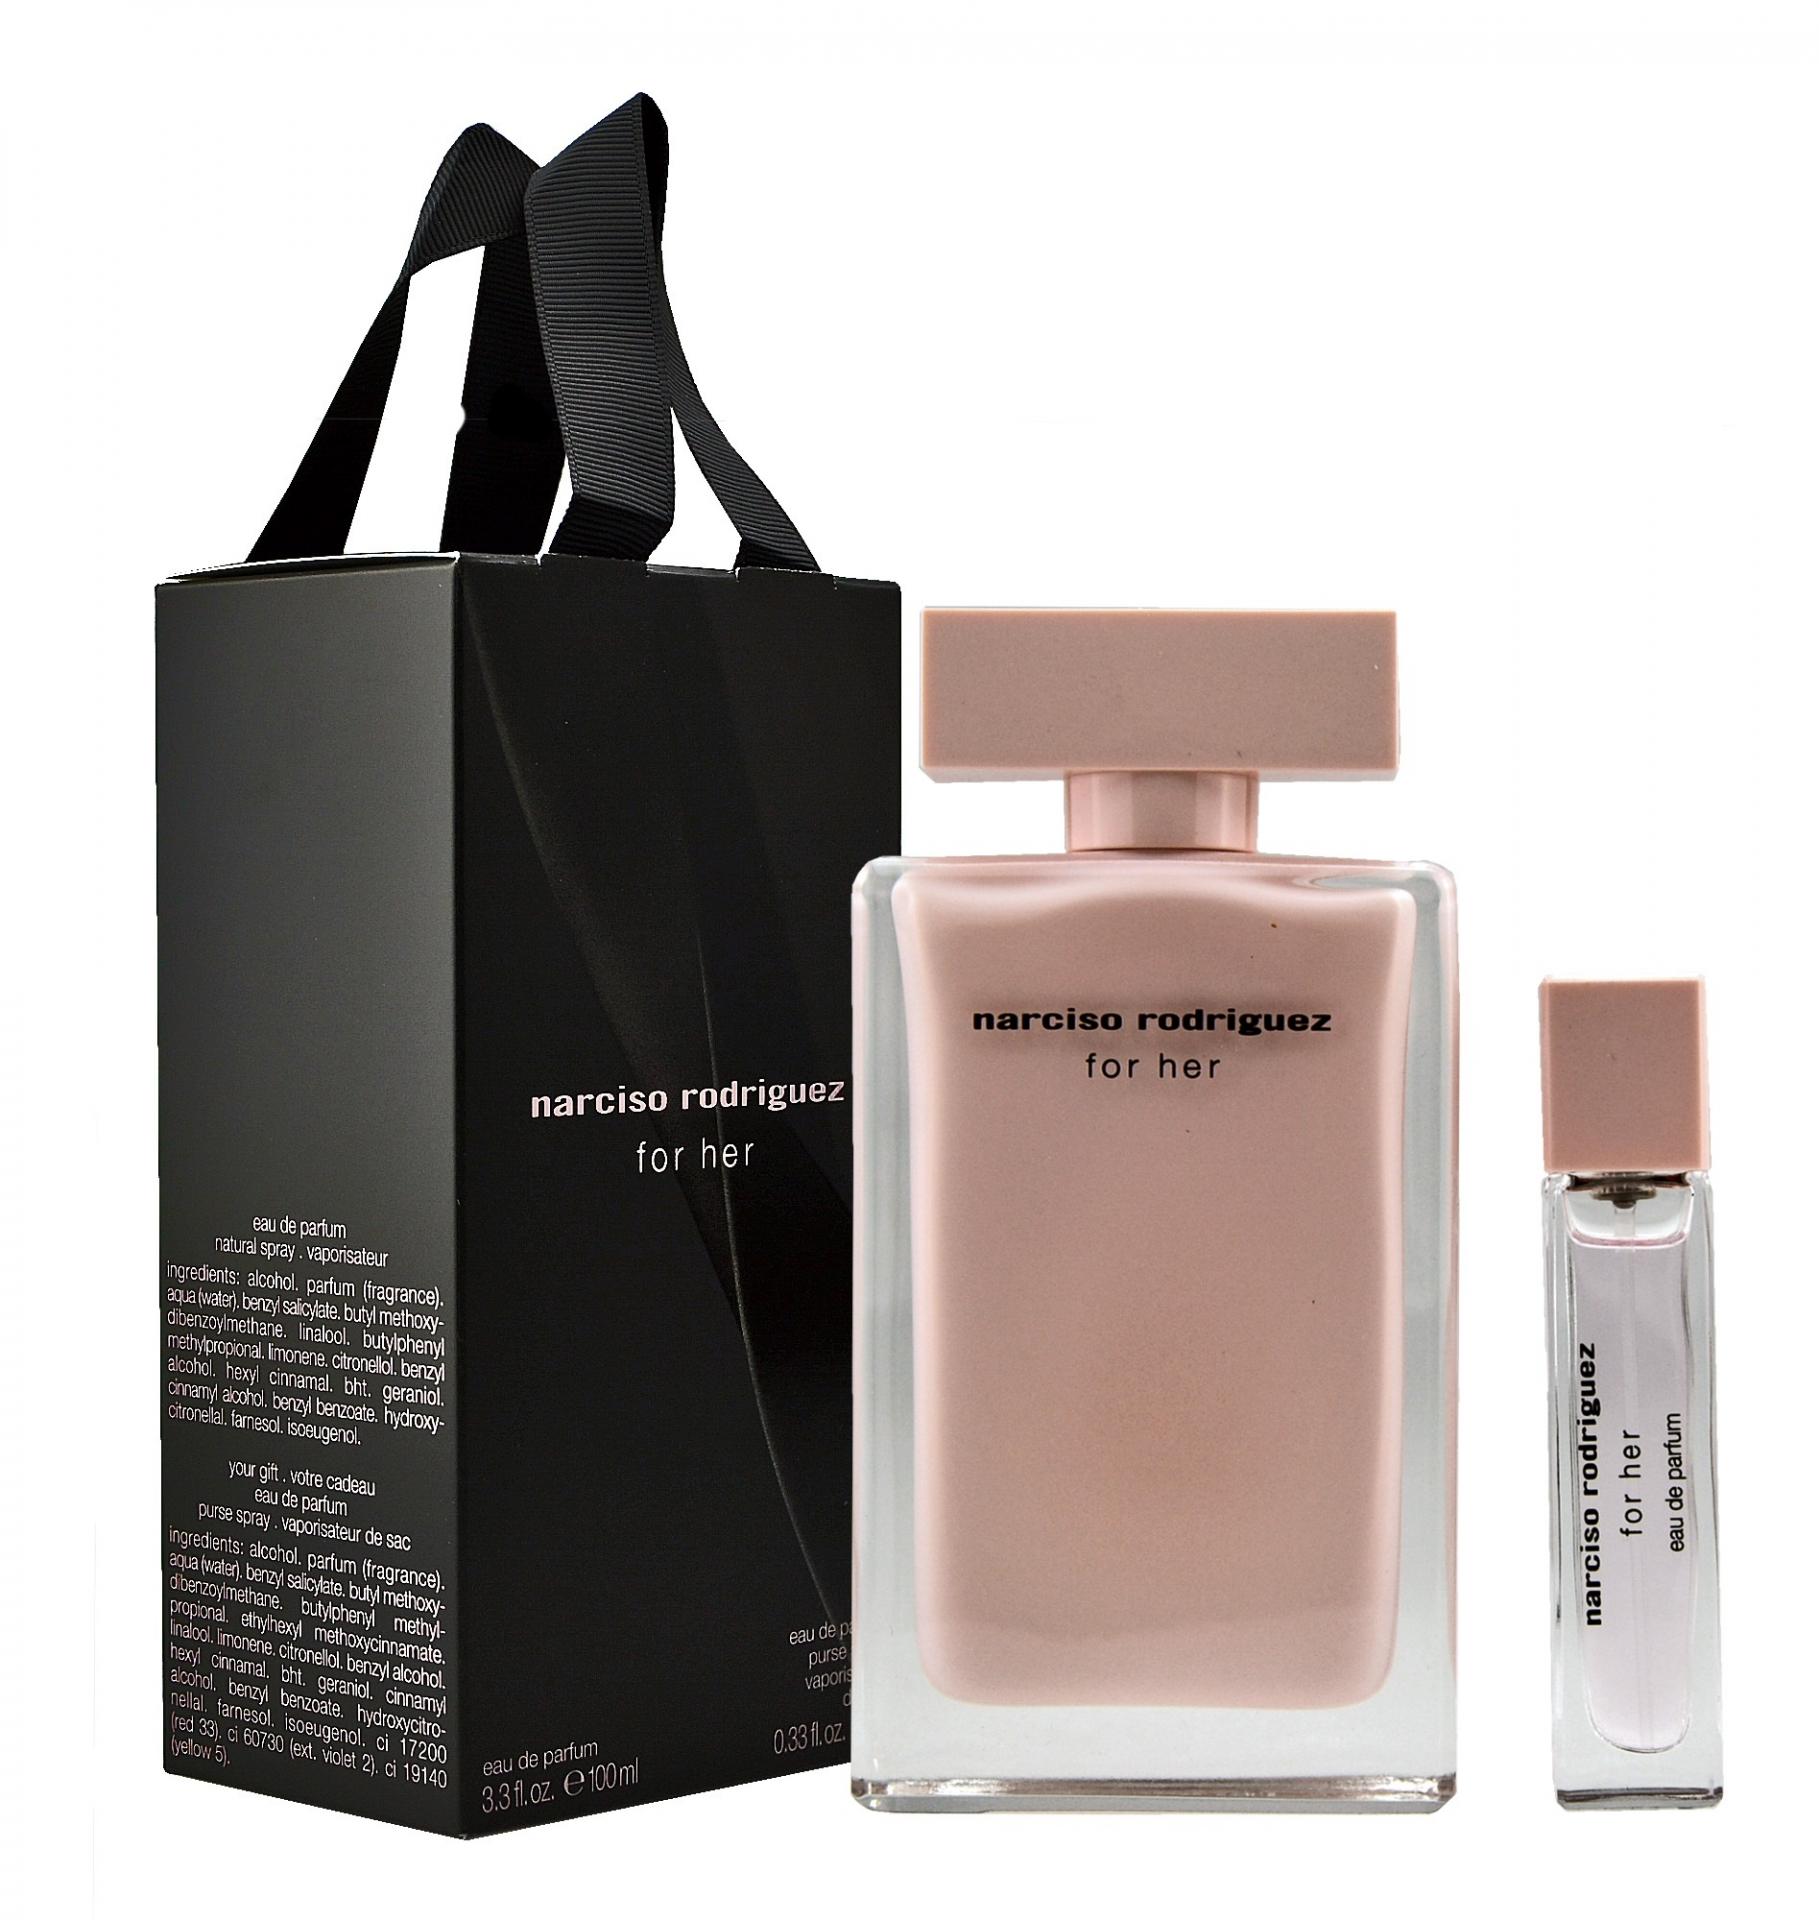 Narciso Rodriguez For Her 100ml Eau De Parfum + 10ml Eau De Parfum Eau De Parfum Giftset